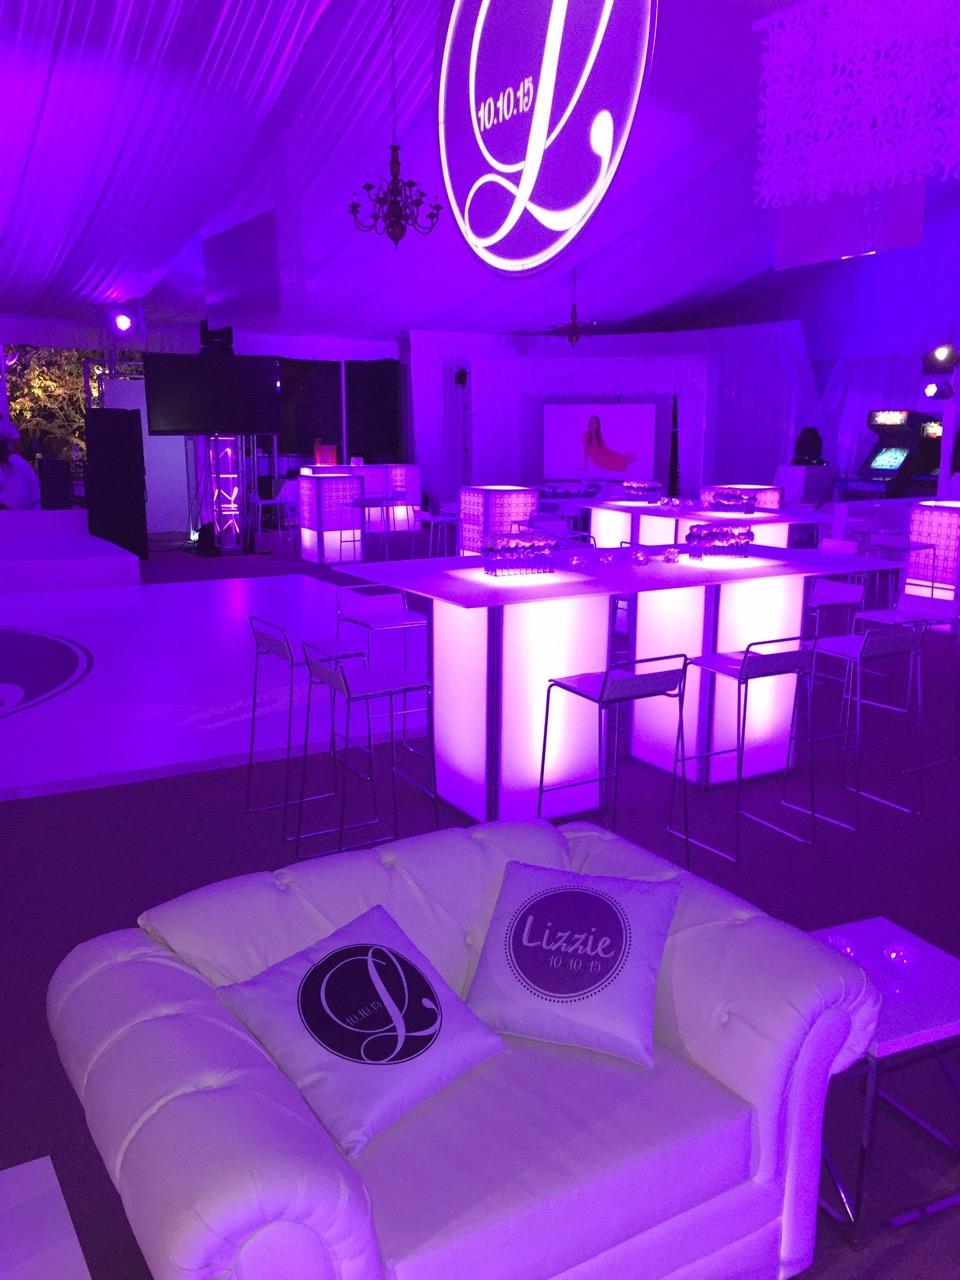 Eggsotic+Events+NJ+Event+Design+Lighting+Decor+Rental++-+23.jpg